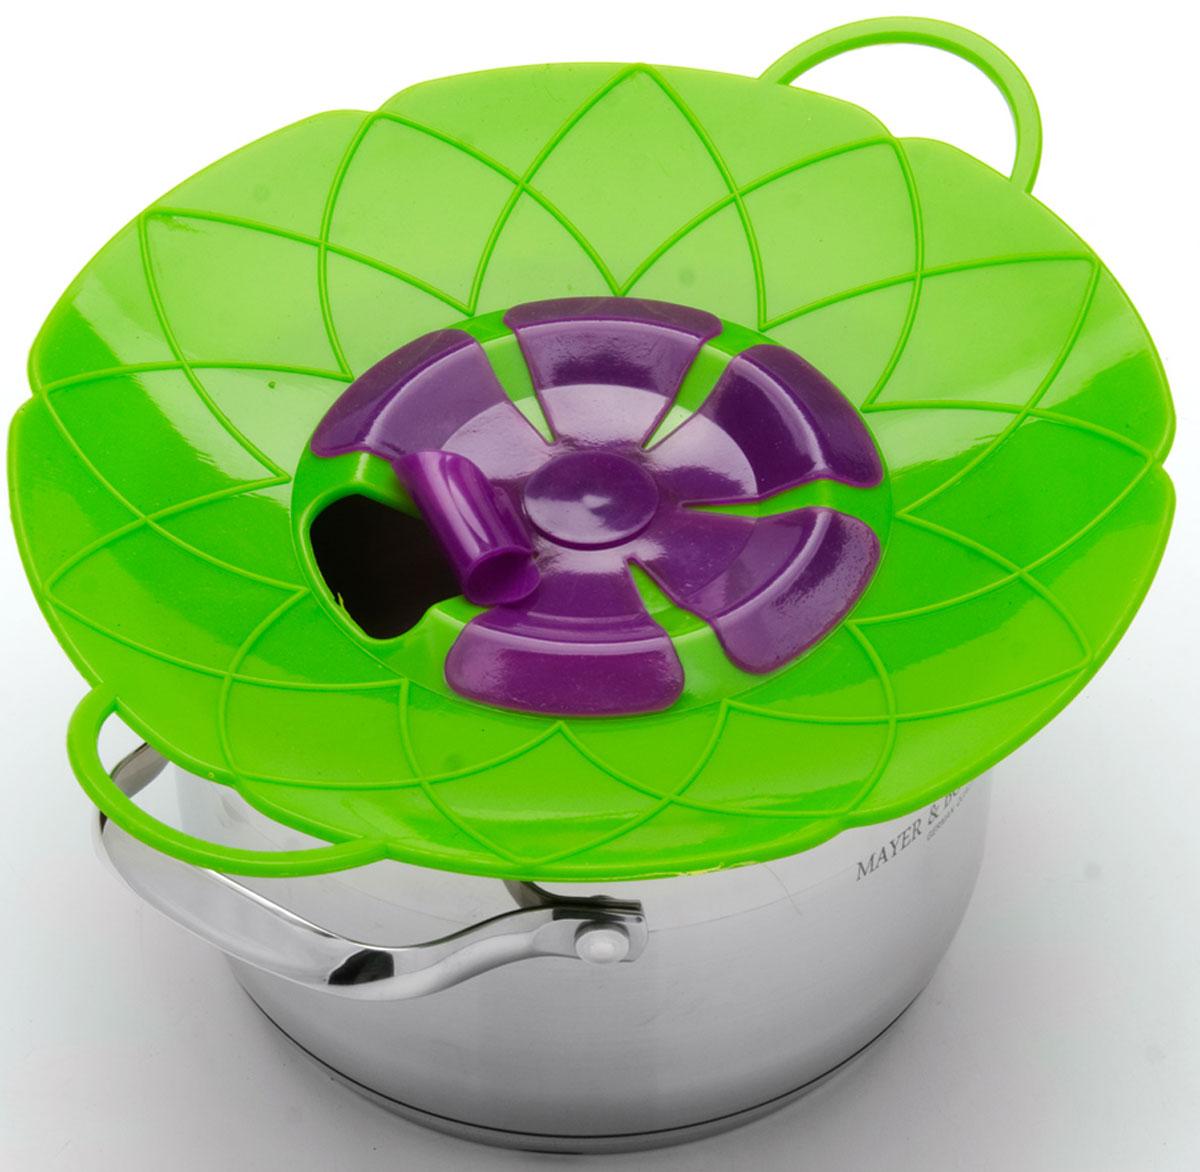 Силиконовая крышка 2 в 1 (невыкипайка и пароварка) изготовлена из силикона высокого качества. Не теряет форму от высоких температур. Крышка-невыкипайка предотвращает выкипание и брызги. Ваша кухня всегда будет в чистоте. Изделие значительно облегчит приготовление пищи. Вы даже можете оставлять без присмотра готовящуюся пищу. При хранение в прохладных местах - крышка обеспечит свежесть продуктов. При использовании крышки в микроволновой печи, масло не разбрызгивается. Можете готовить овощи и морепродукты на пару. Пища, приготовленная на пару вкусная и полезная.